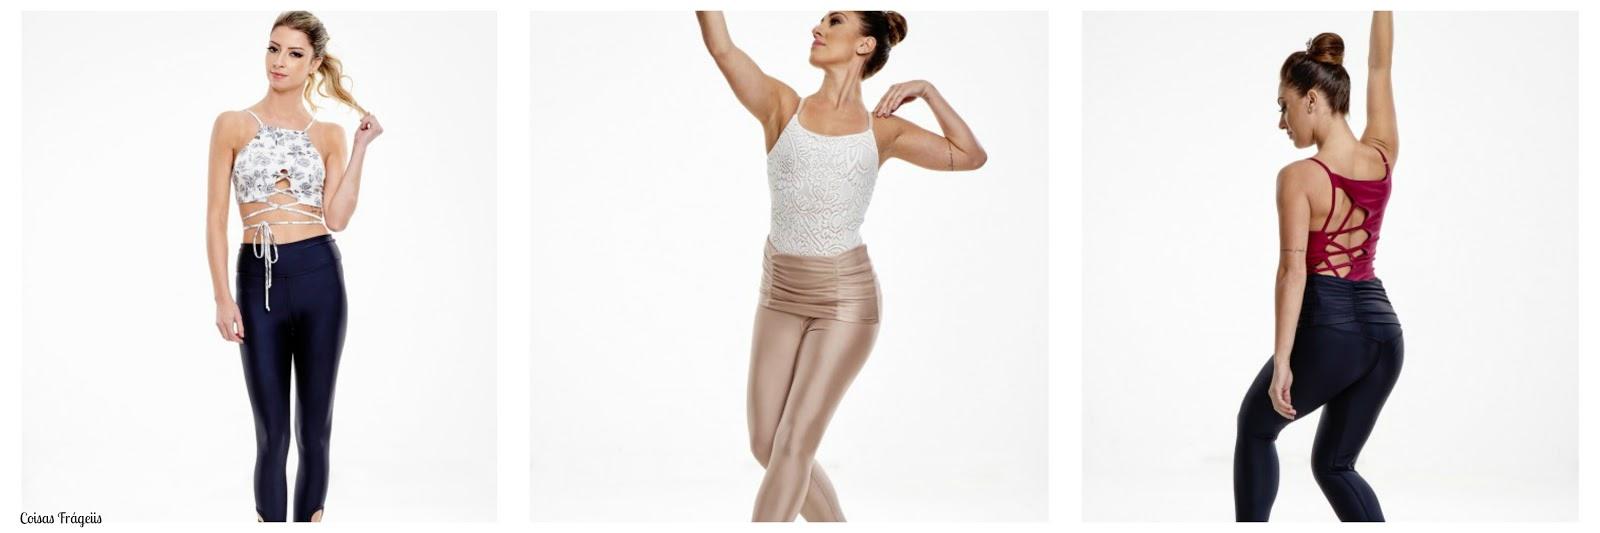 3886060a72 É uma marca de roupa fitnness que fez uma coleção inspirado no ballet e eu  estou completamente apaixonada, as peças tem um ar romântico e moderno.